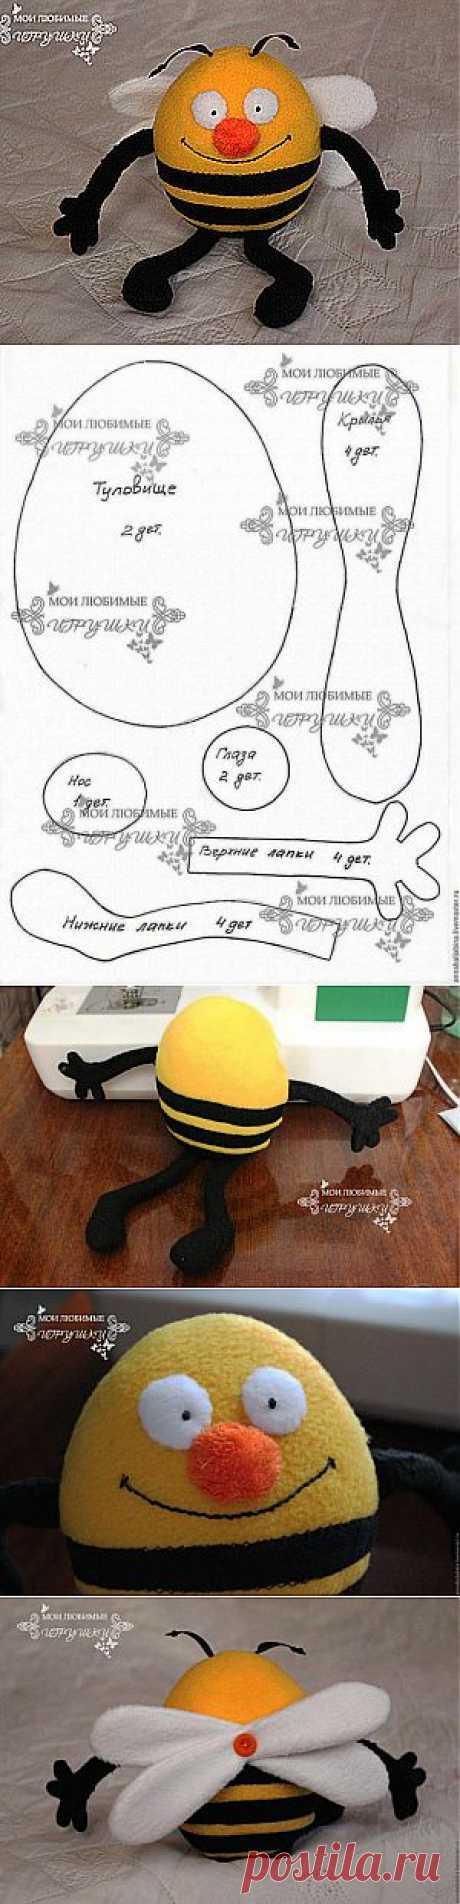 Весенний Пчёл - текстильная игрушка - Ярмарка Мастеров - ручная работа, handmade